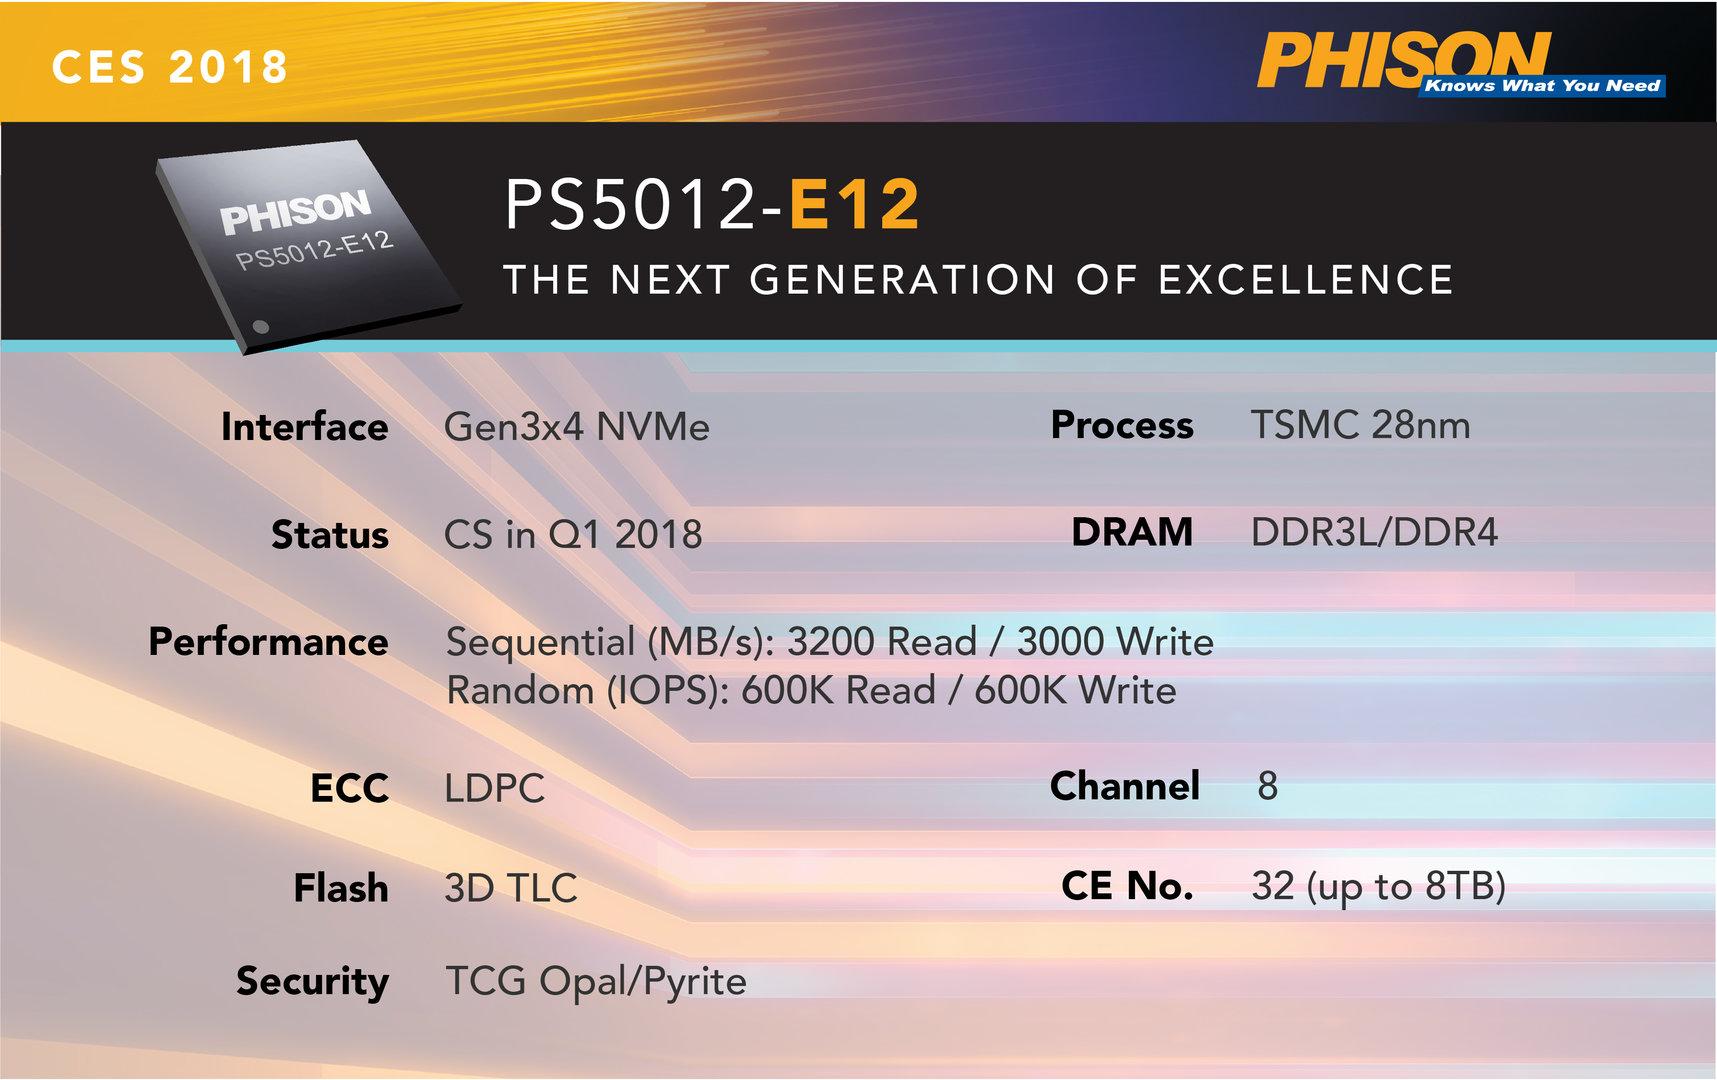 Schlüsselmerkmale des Phison E12 alias PS5012-E12